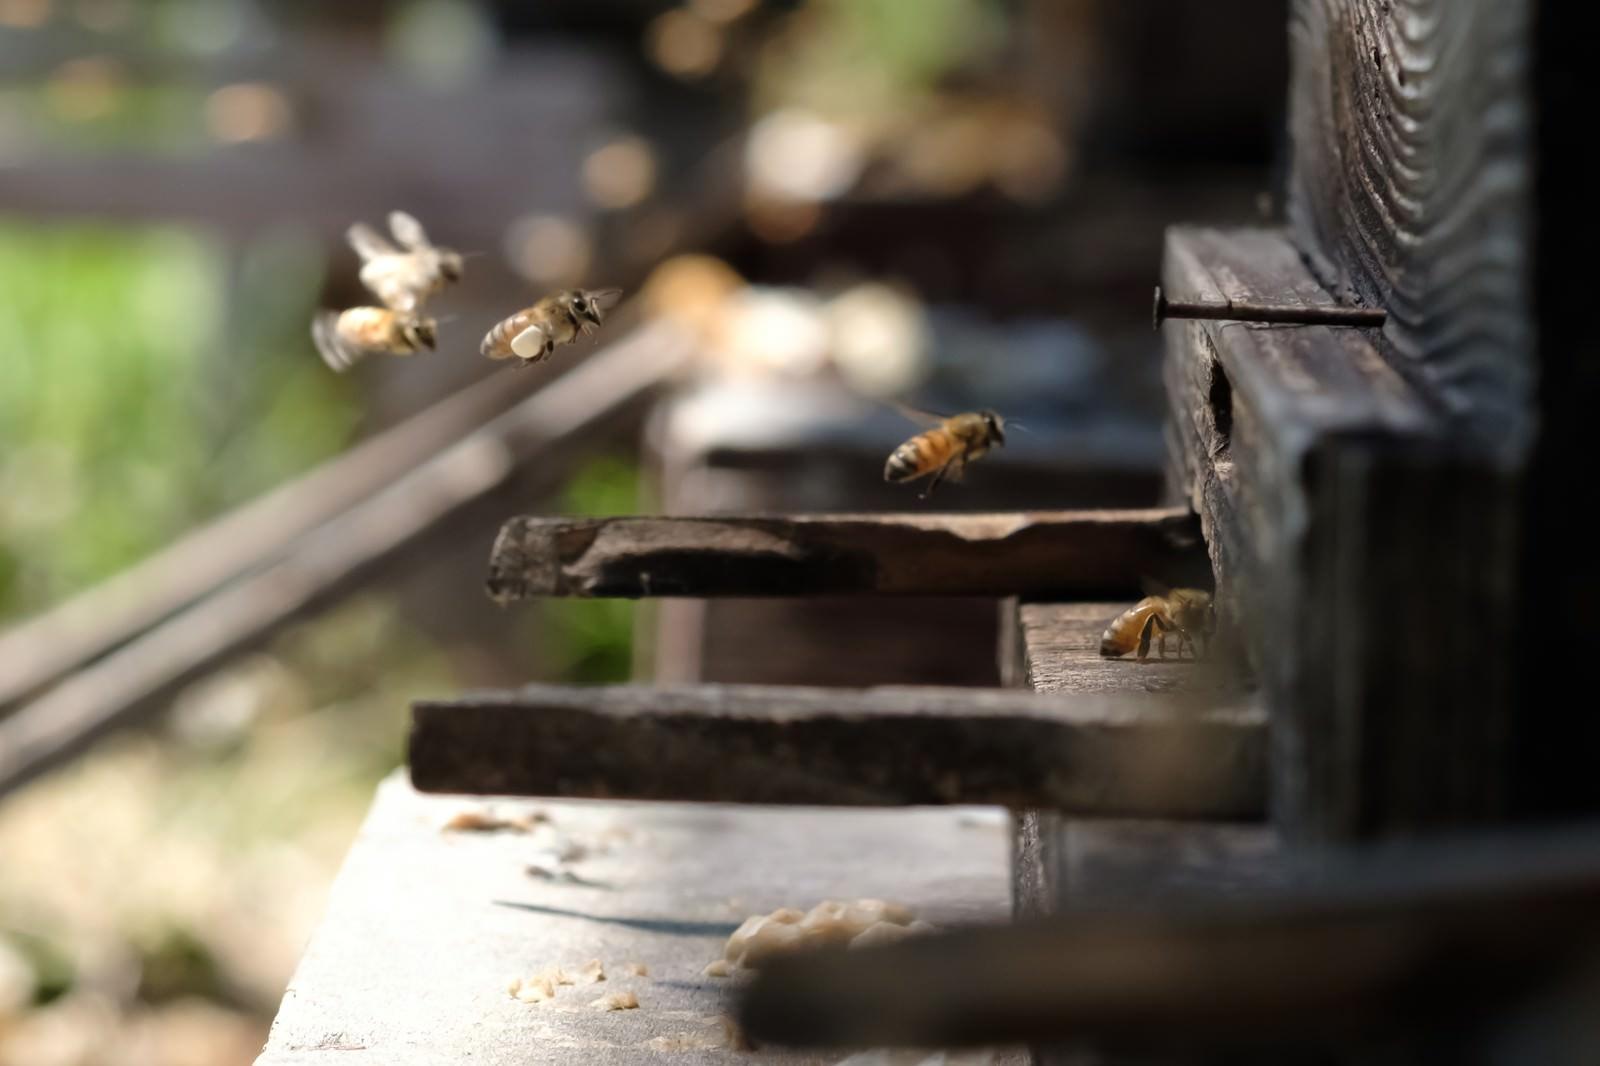 「働き蜂が巣箱に帰ってくる様子」の写真